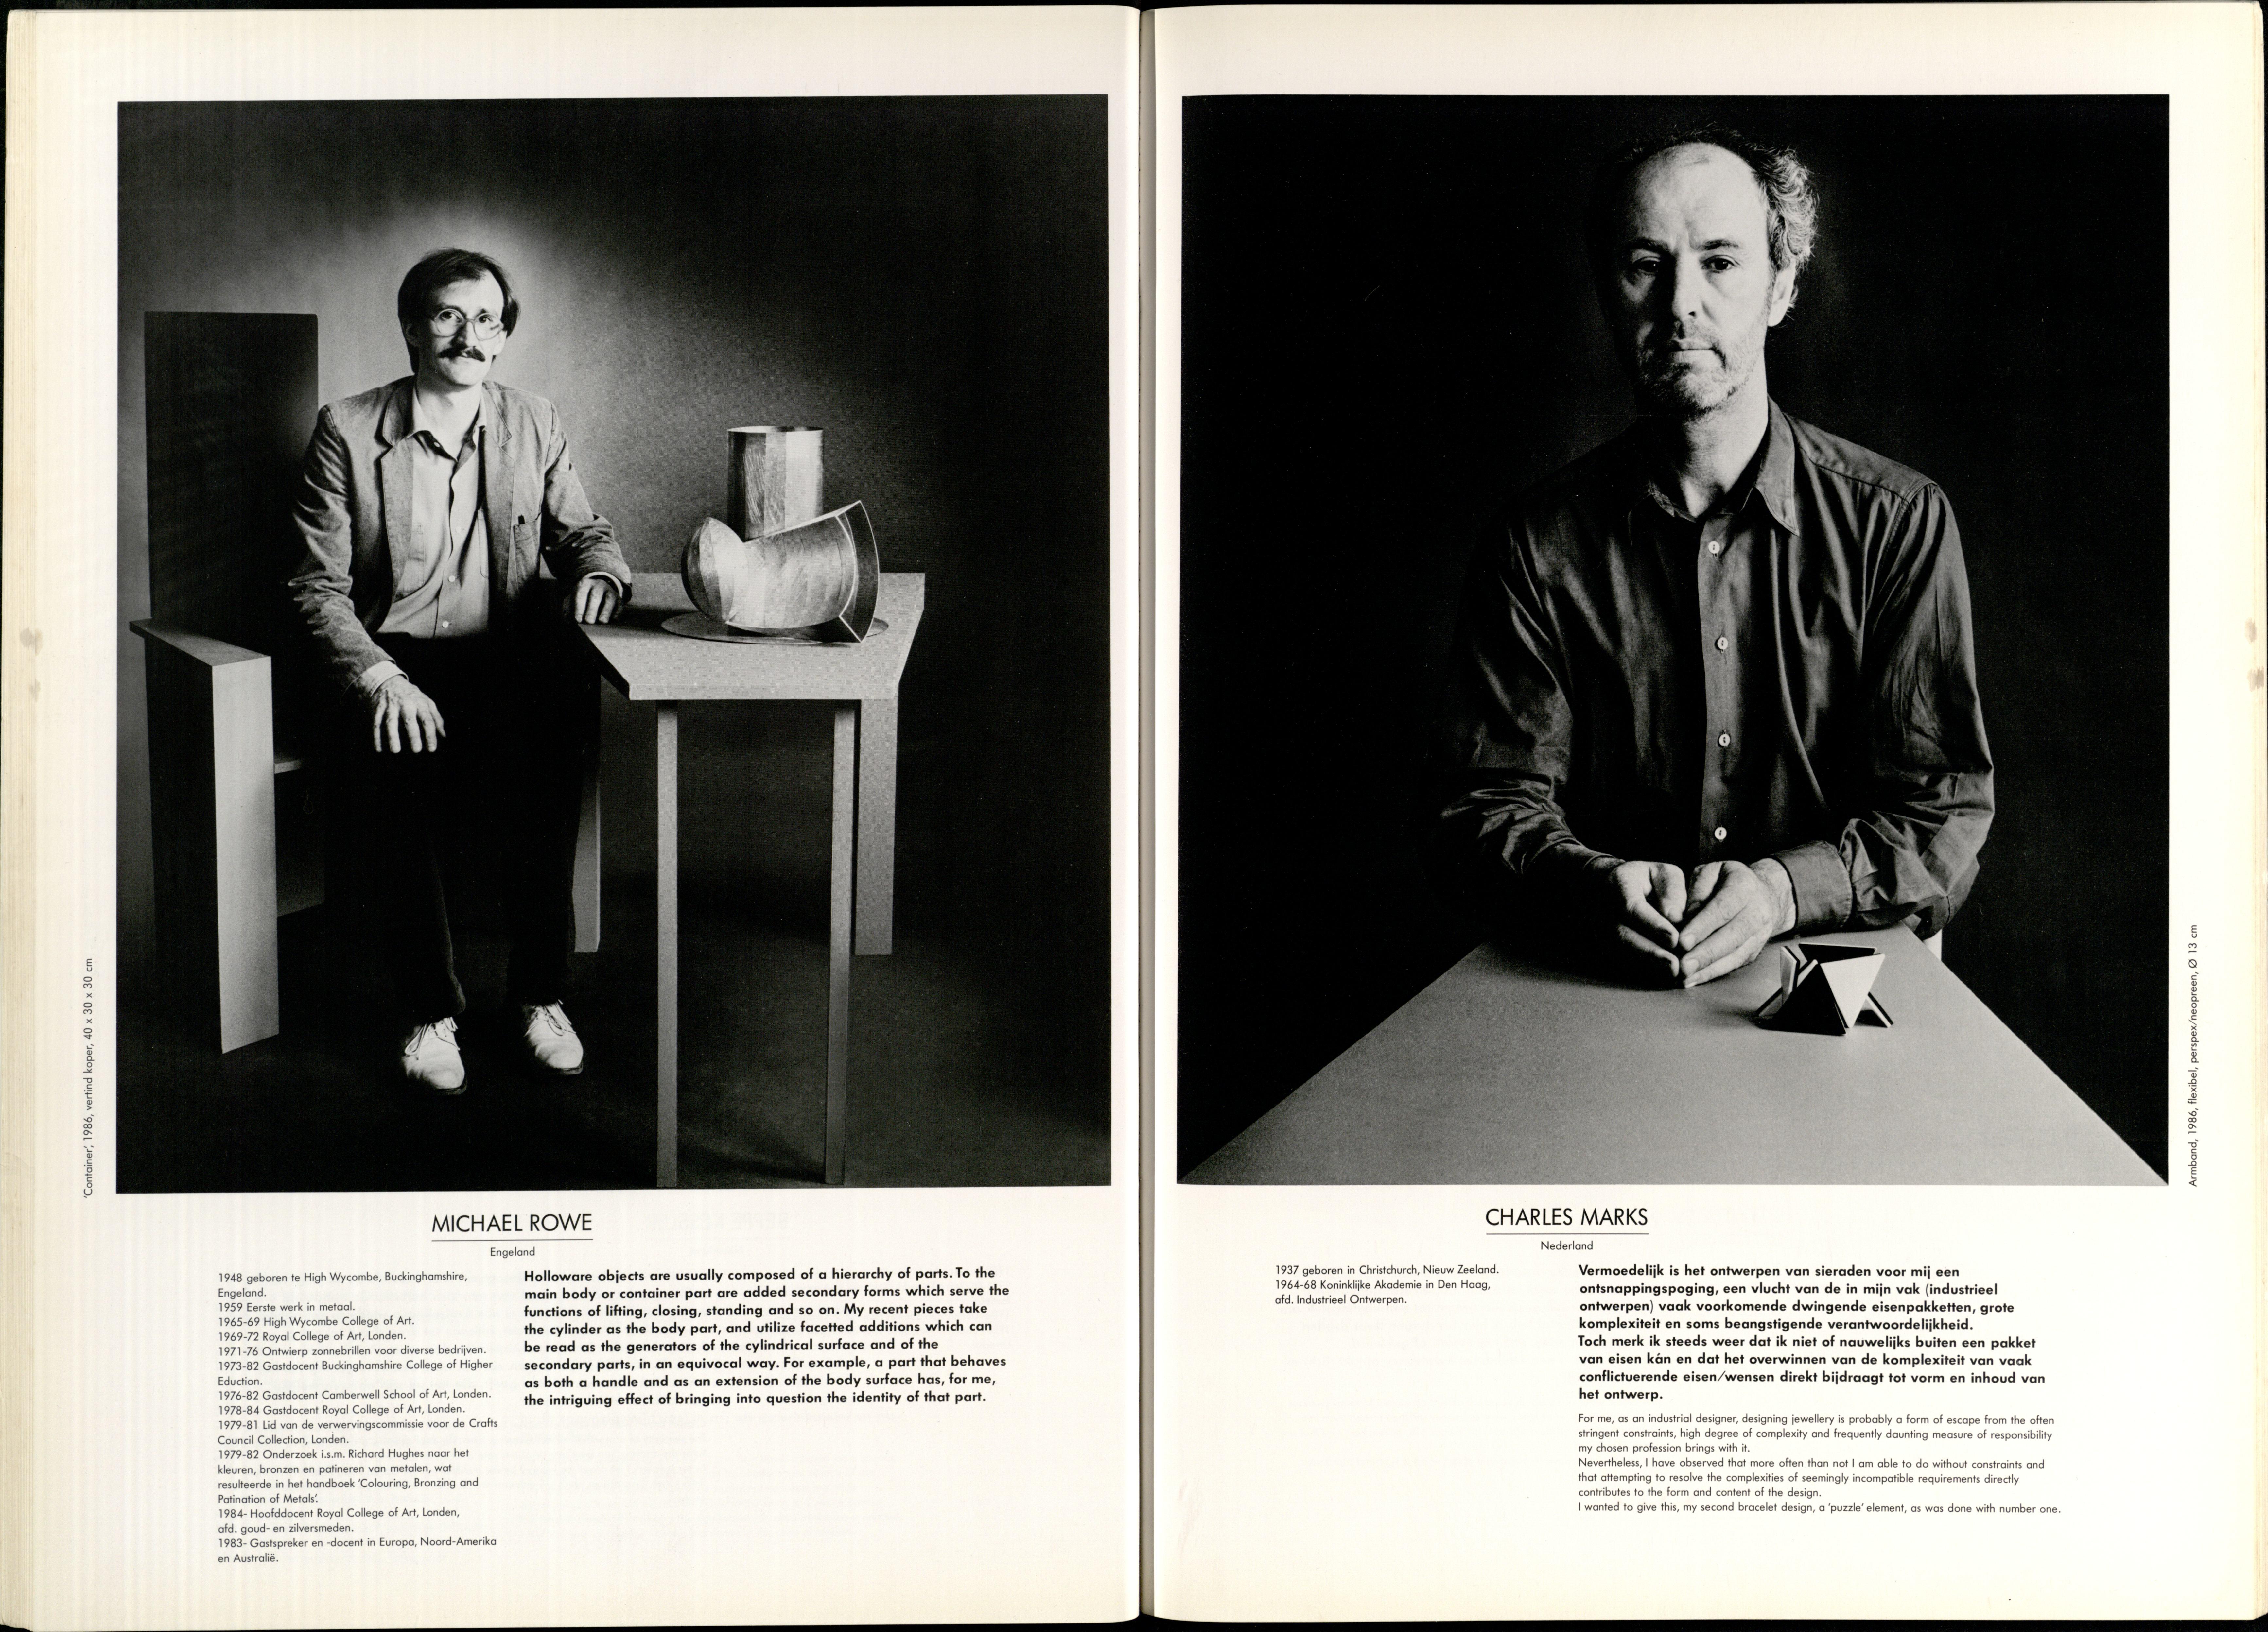 10 Jaar Ra, bladzijde 46 en 47, Michael Rowe en Charles Marks, 1986., foto's Anna Beeke, drukwerk, papier, portret, armband, perspex